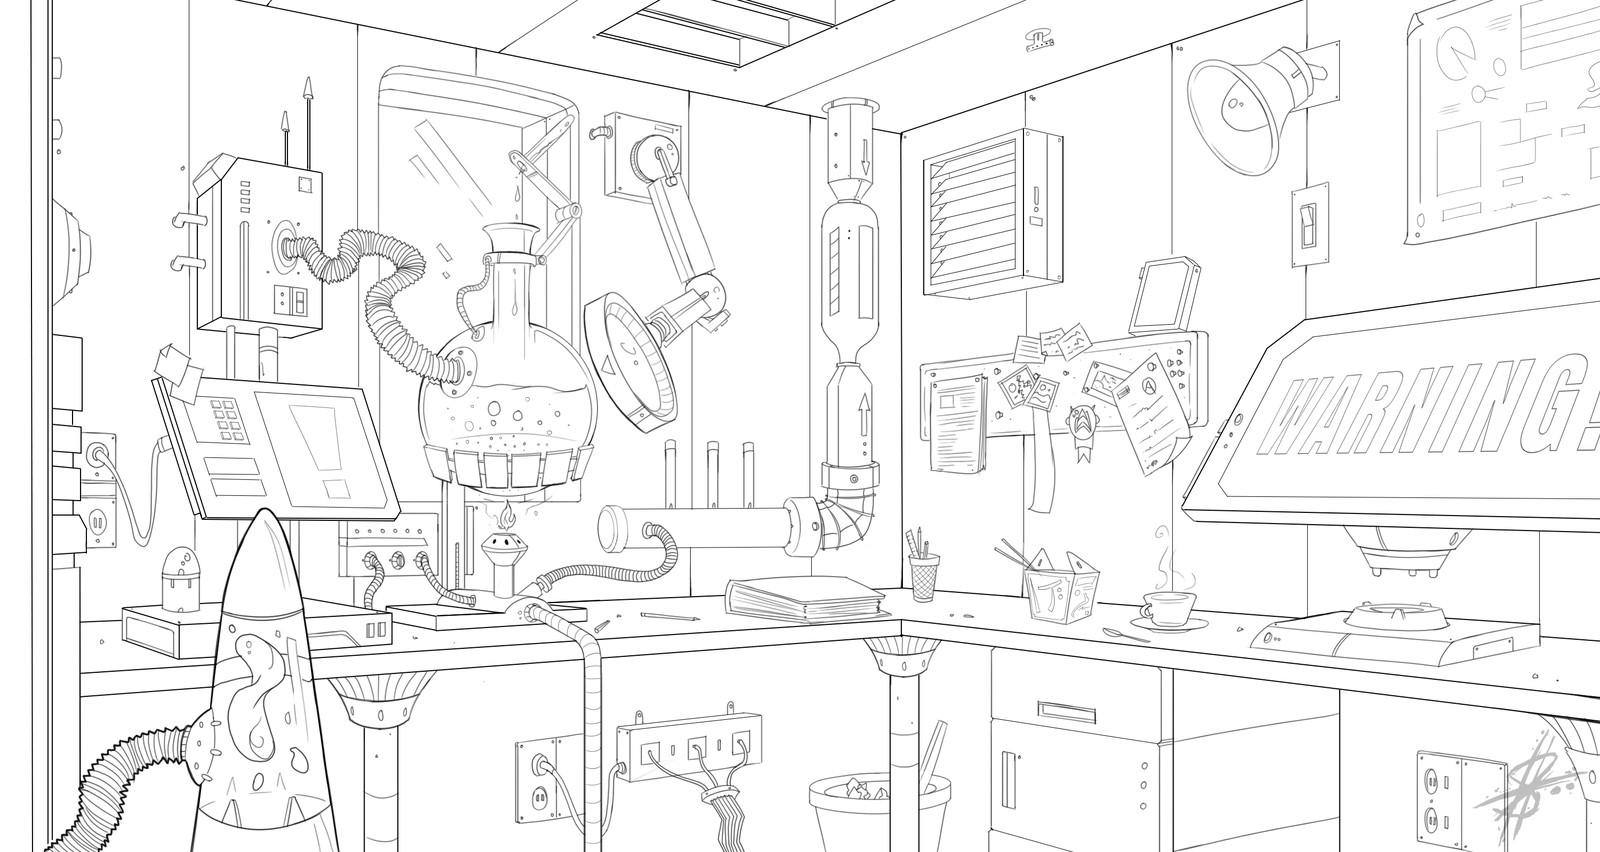 Dr Vigyls Lab